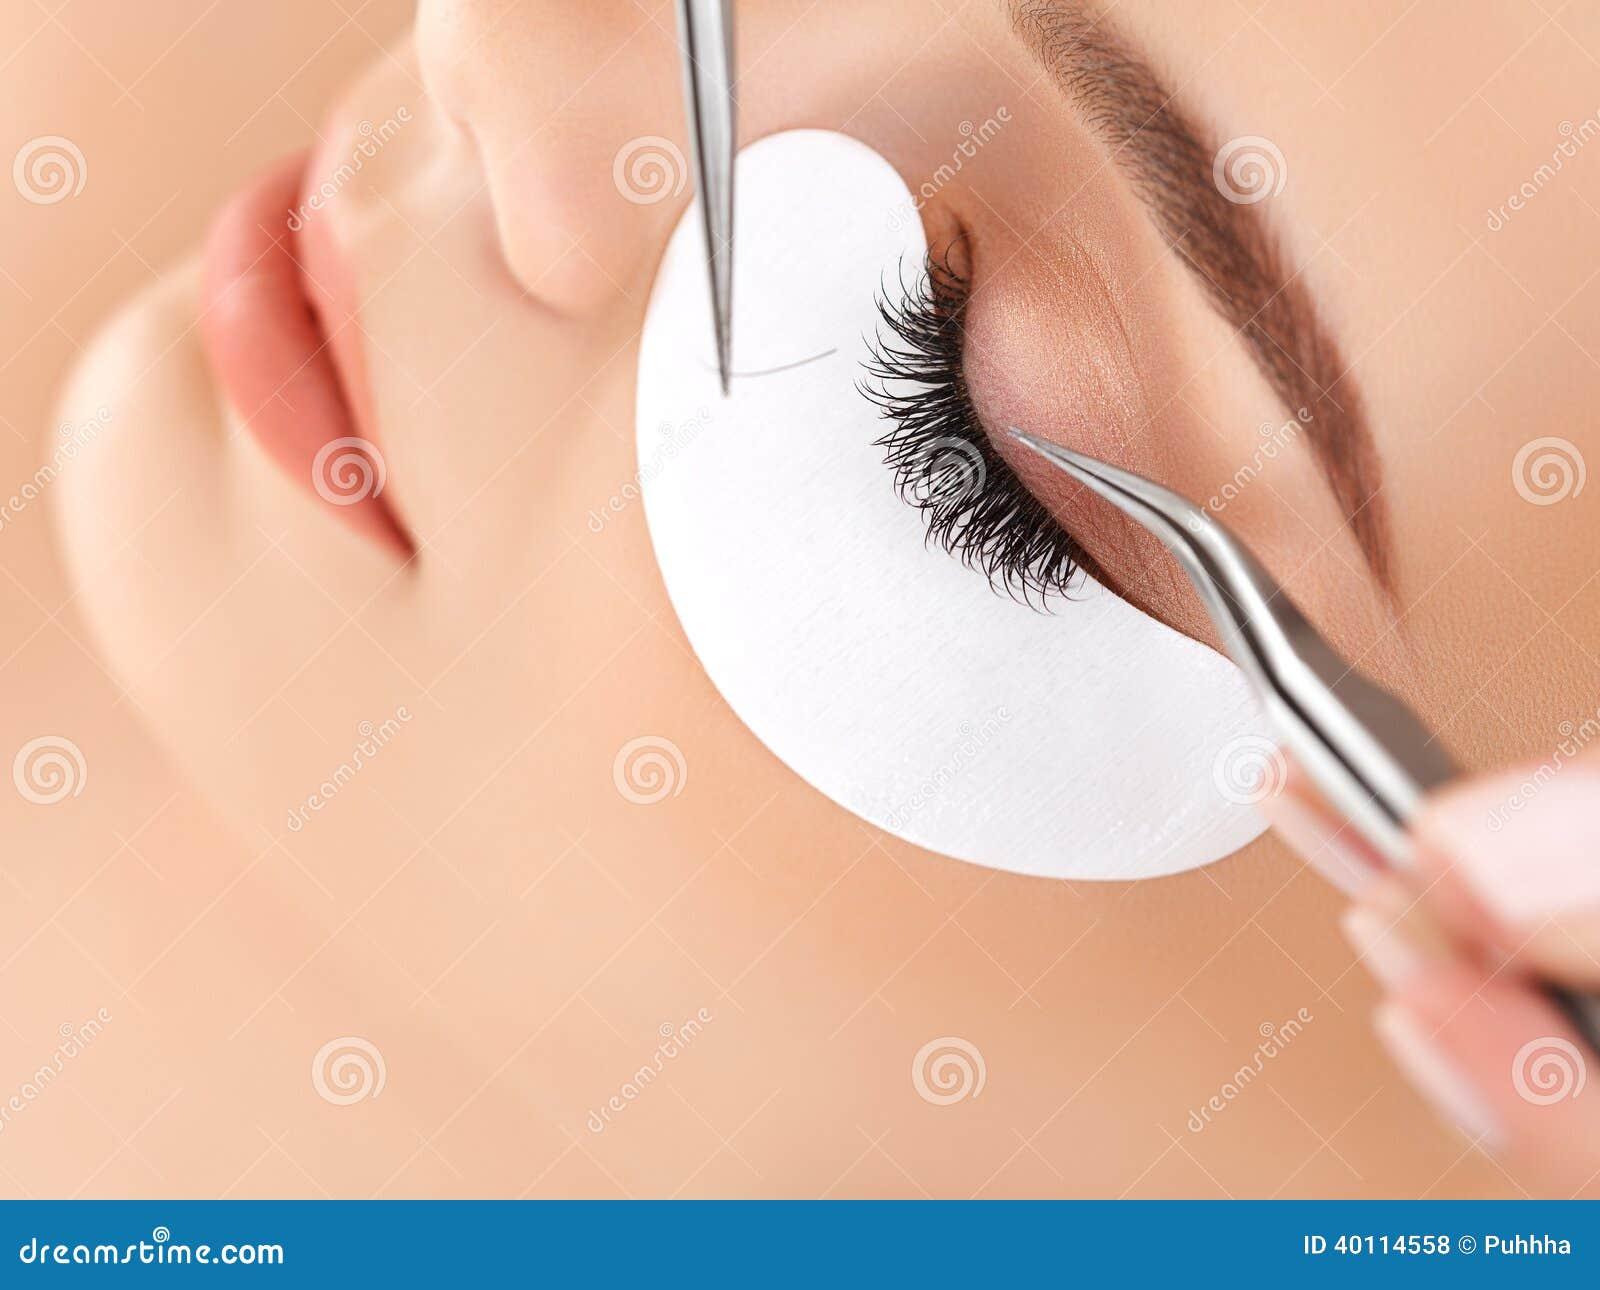 Occhio della donna con i cigli lunghi. Estensione del ciglio